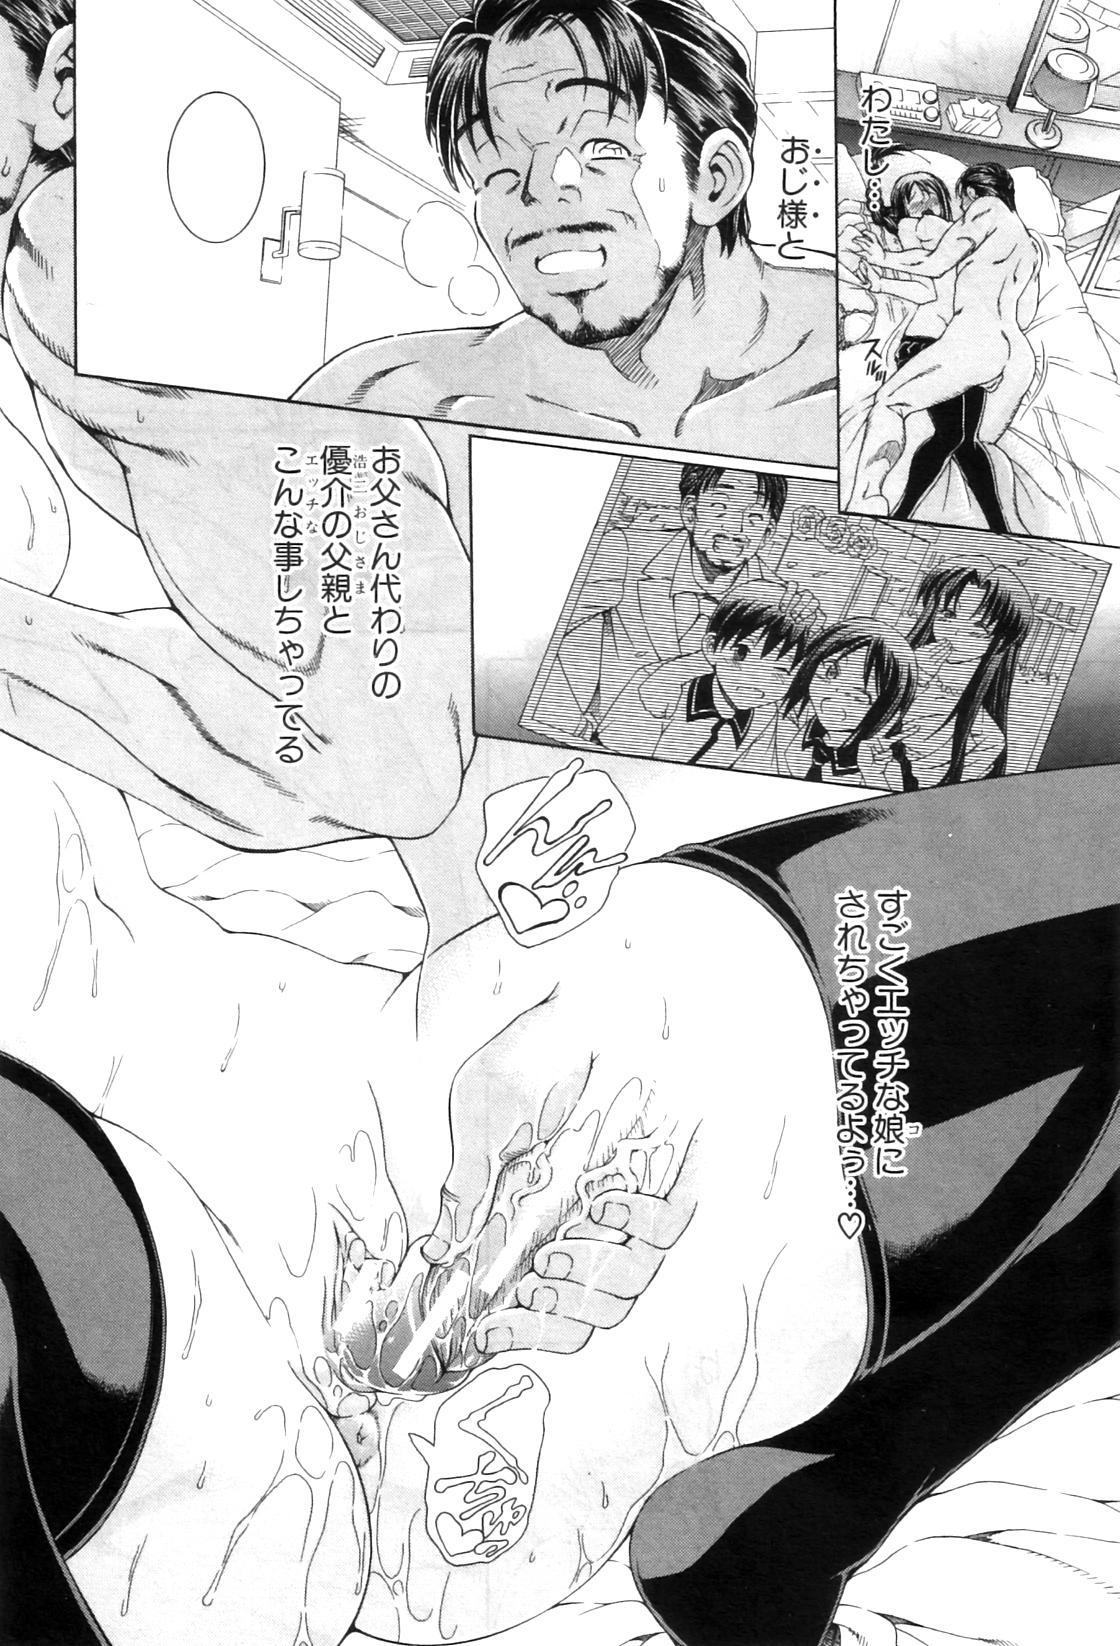 Himitsu no Sign - Secret Signature 90